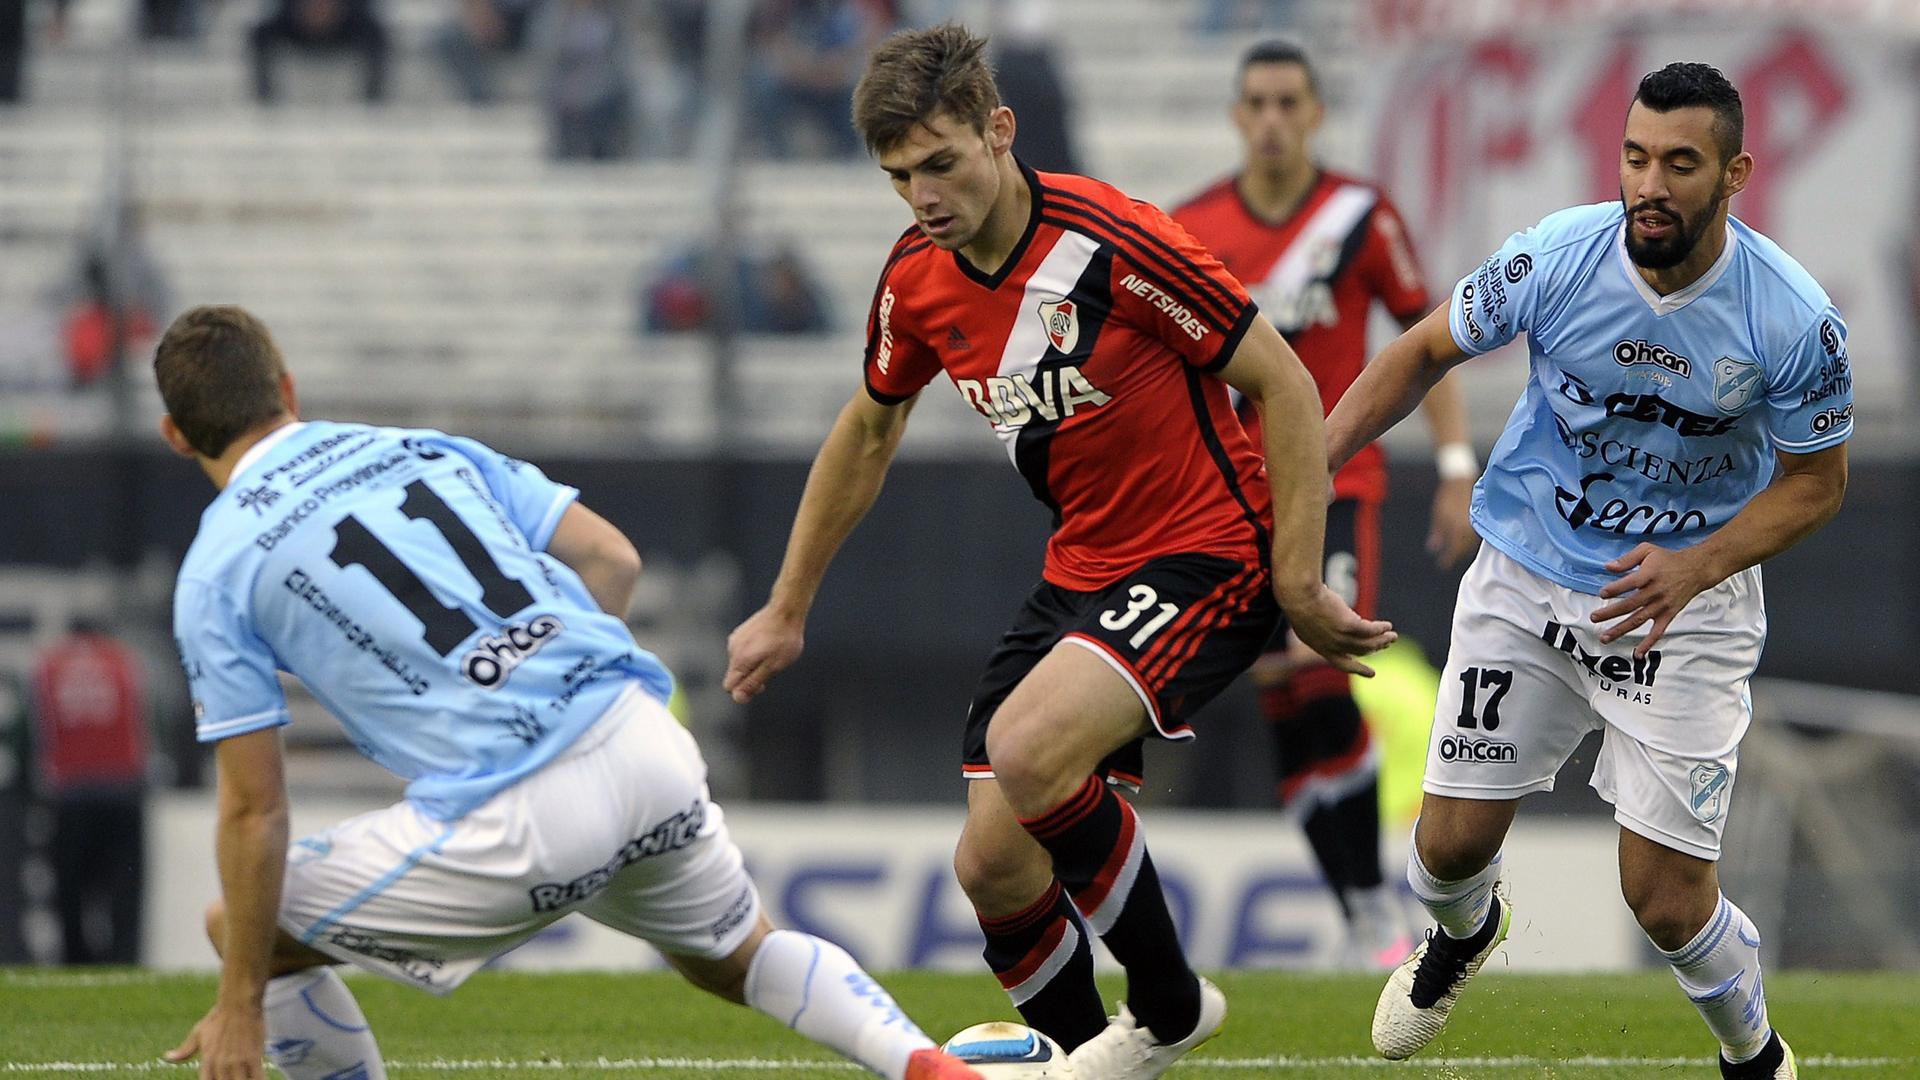 UFFICIALE: Sampdoria, Quagliarella nuovo attaccante blucerchiato